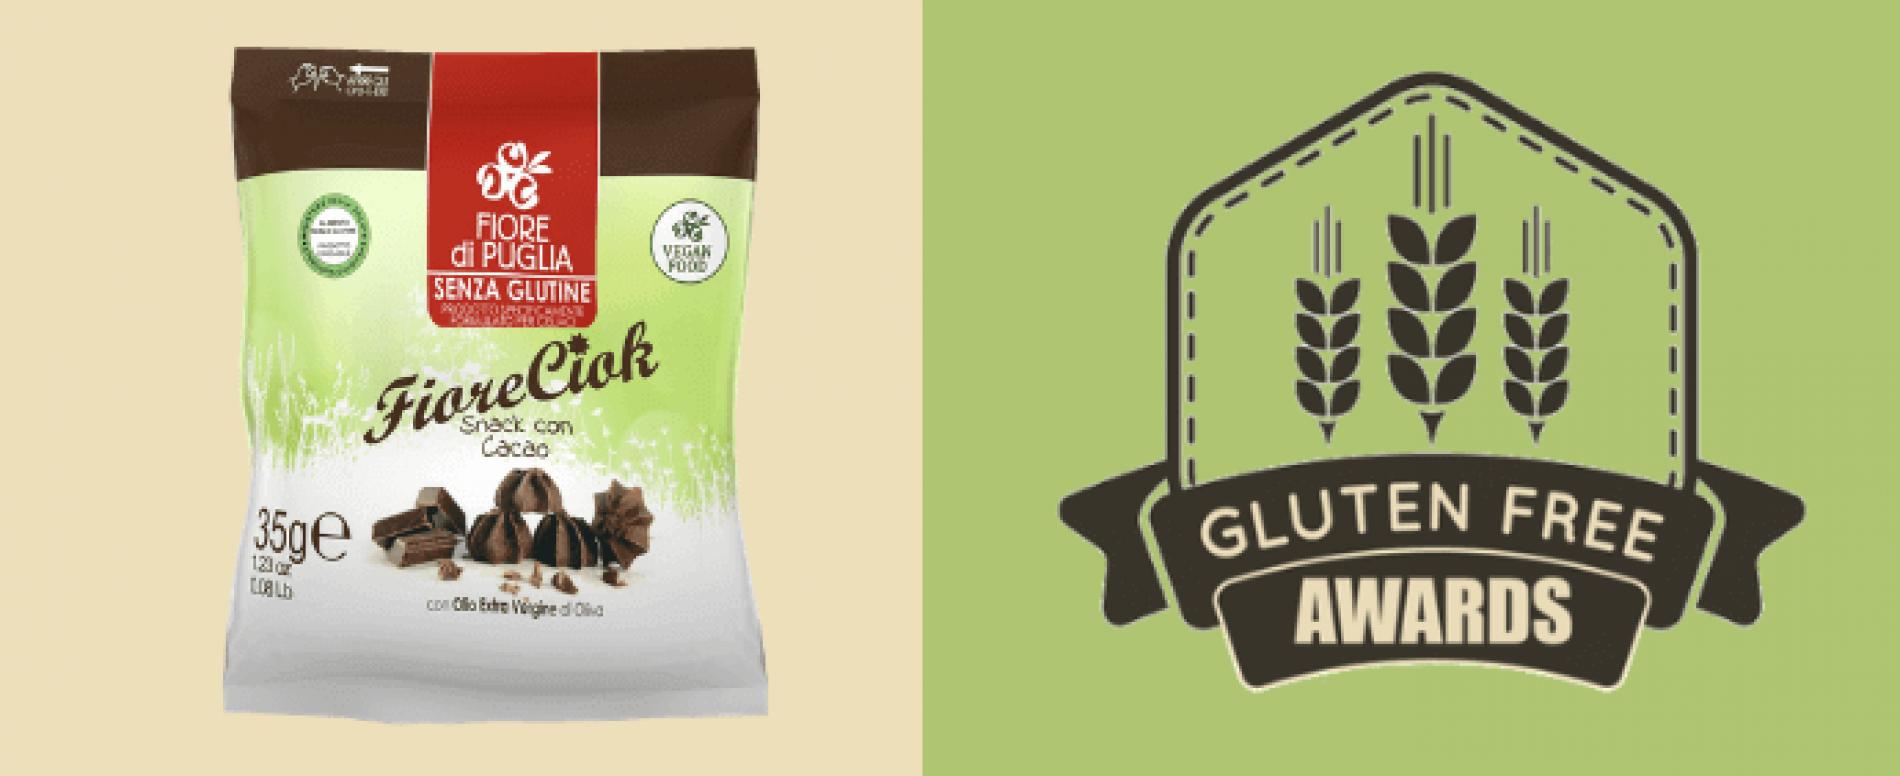 Fiore di Puglia vince ai Gluten Free Awards con Fiore Ciok